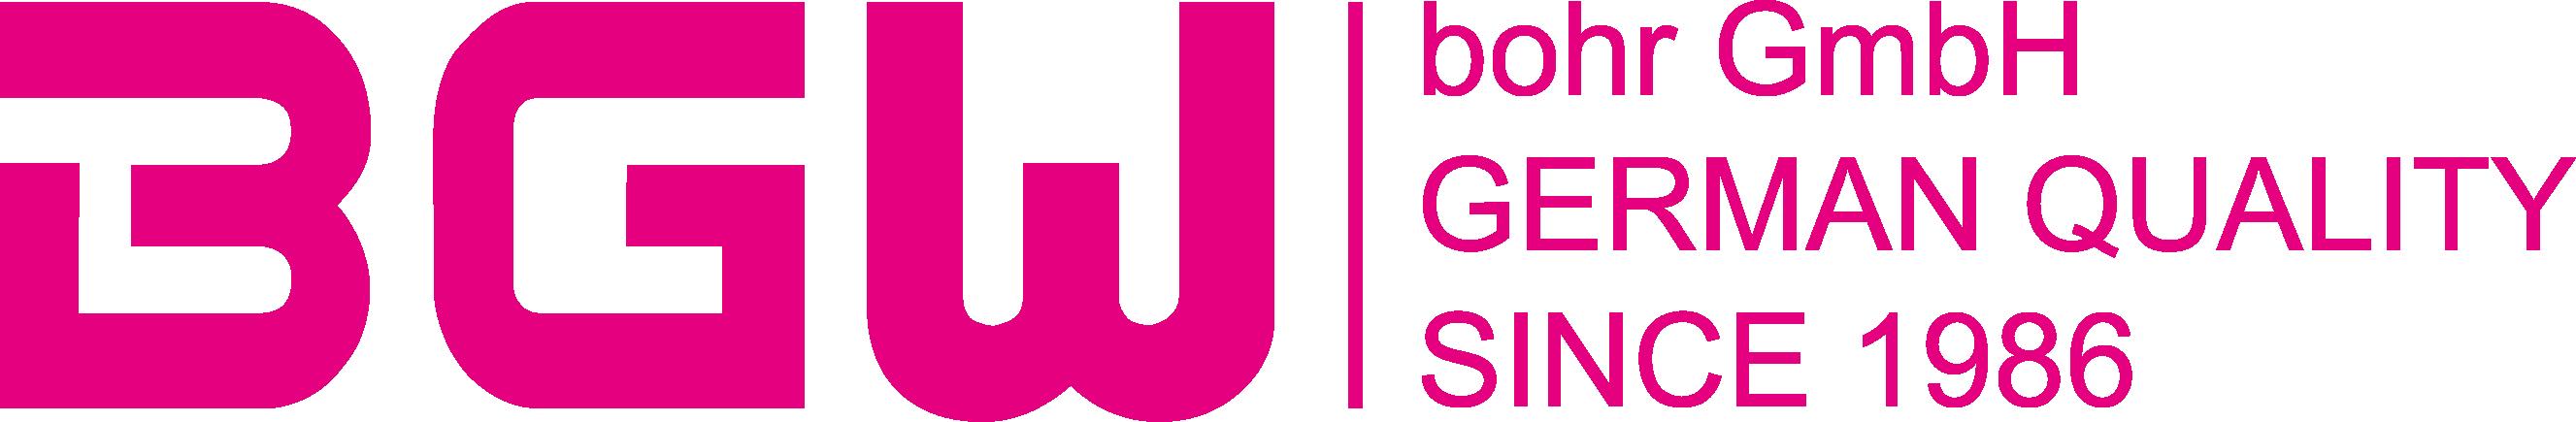 BGW-Bohr GmbH